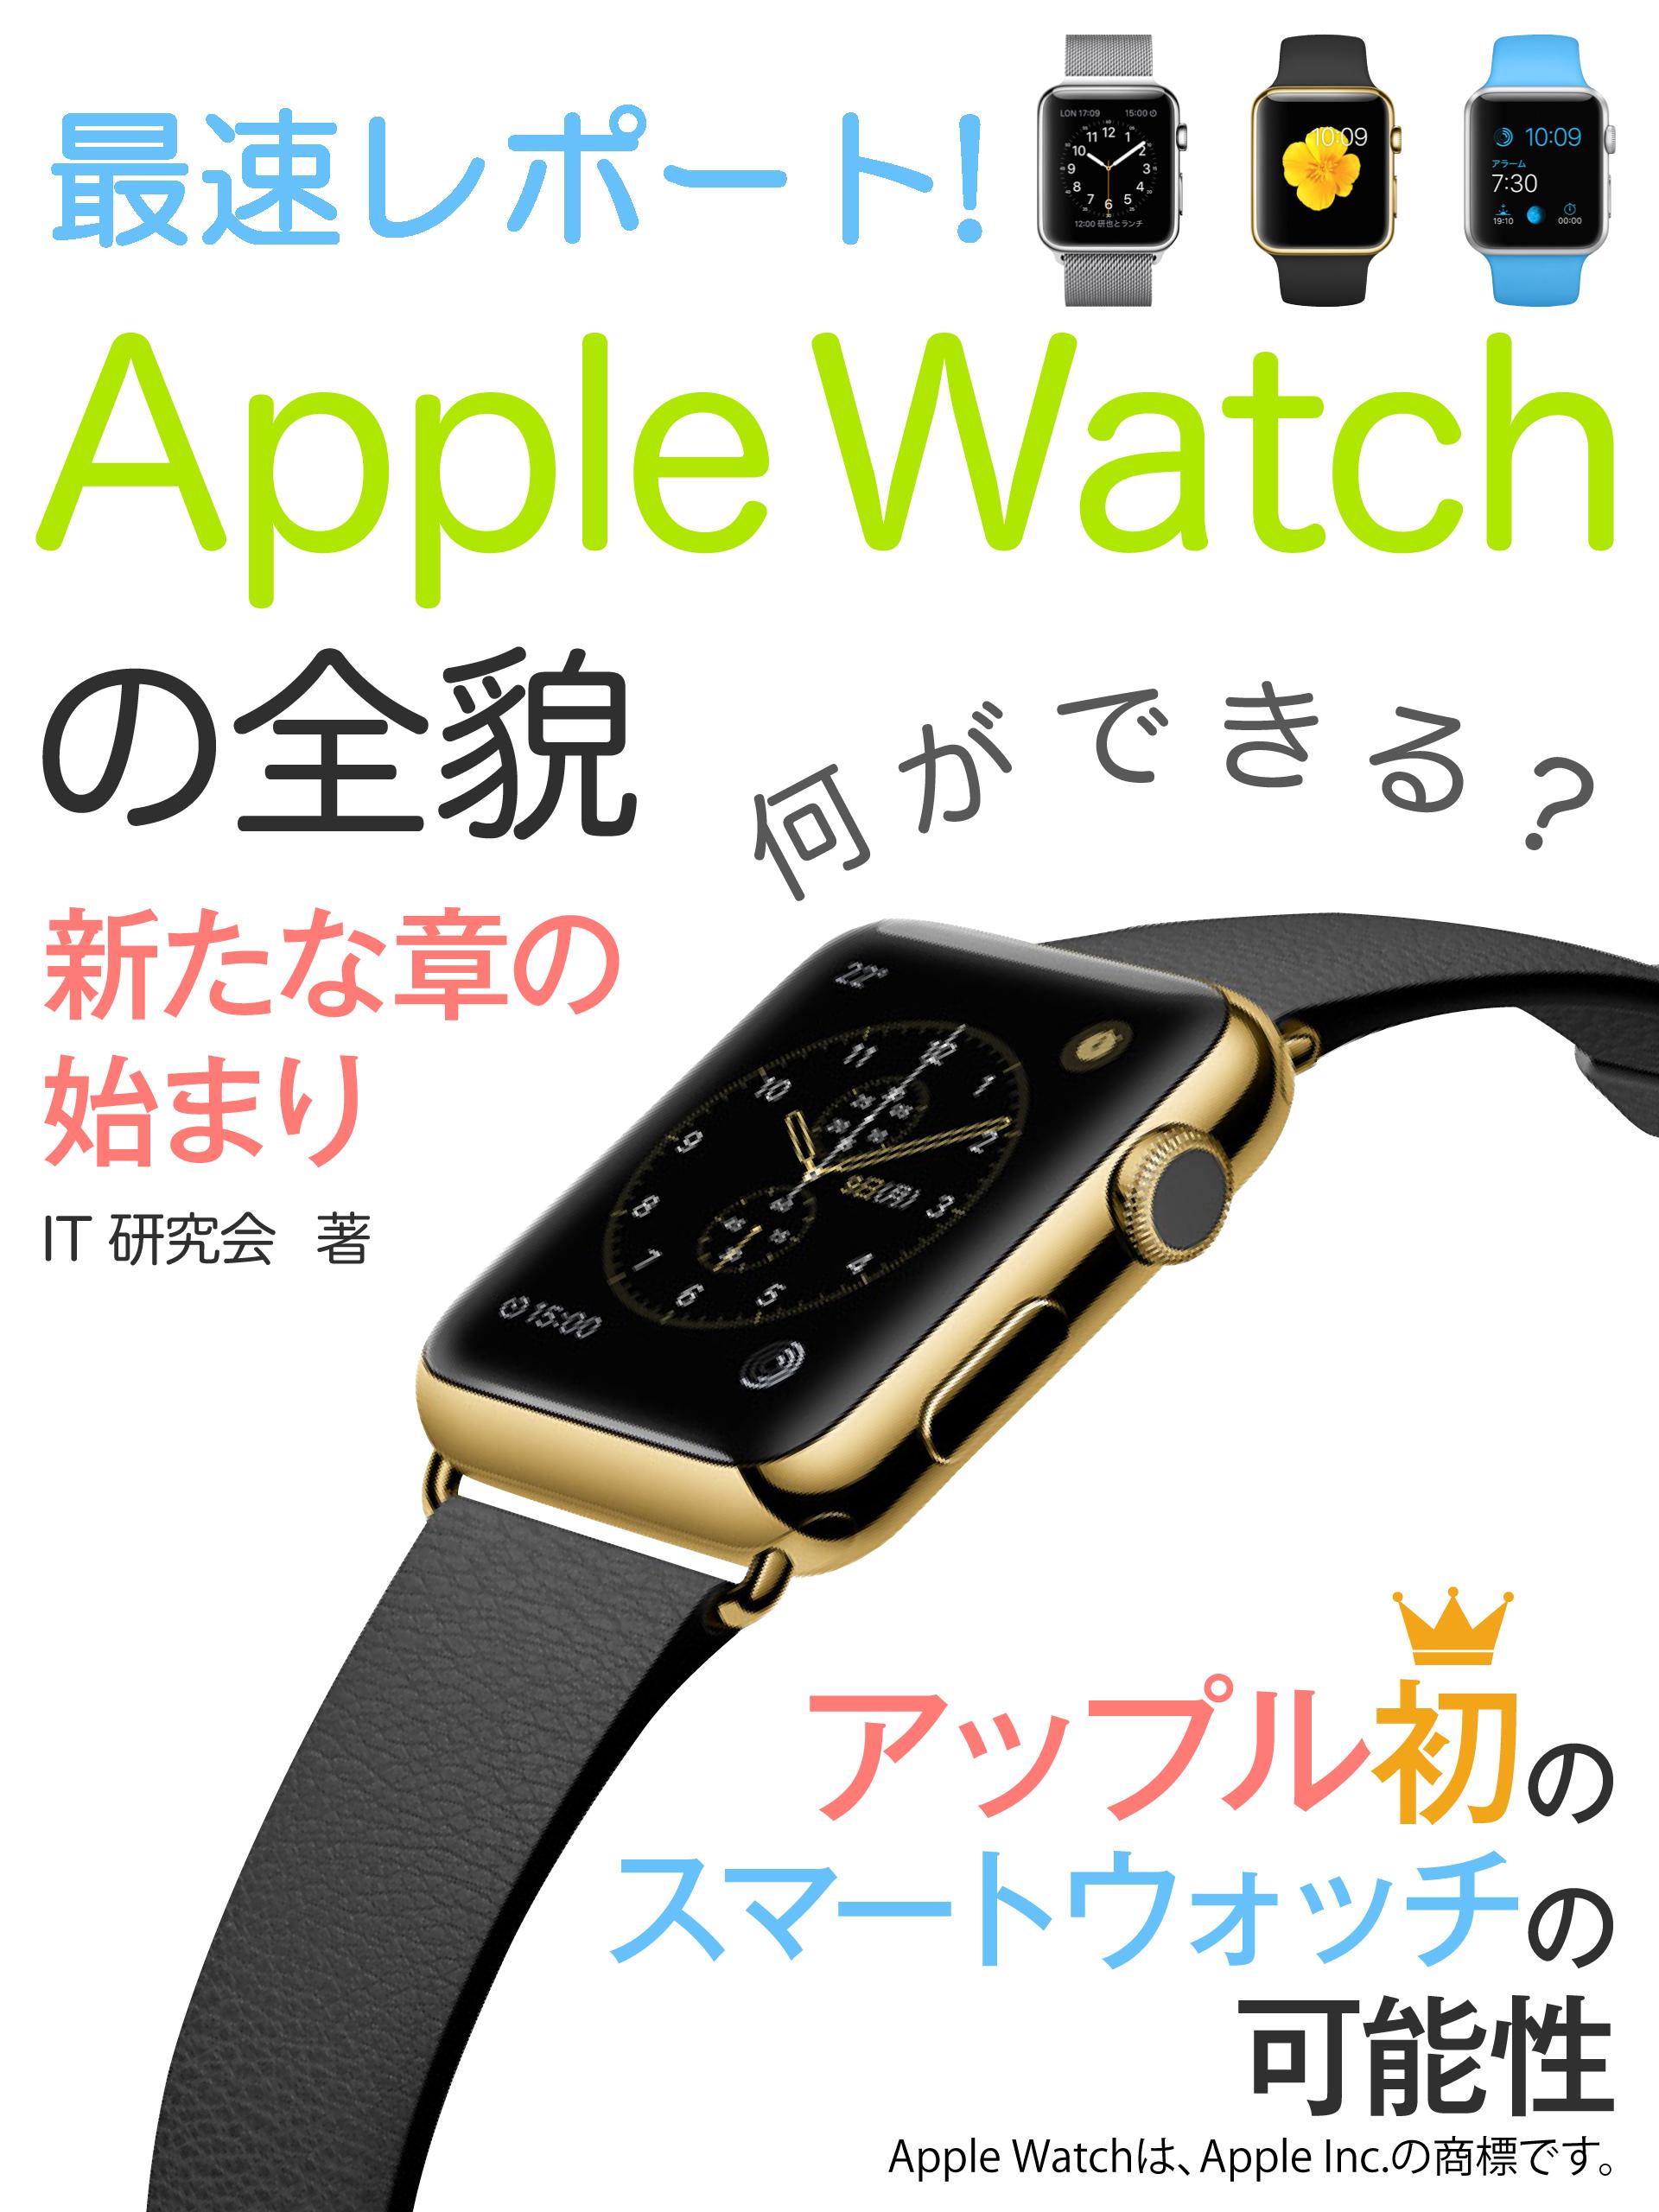 最速レポート! Apple Watchの全貌――新たな章の始まり